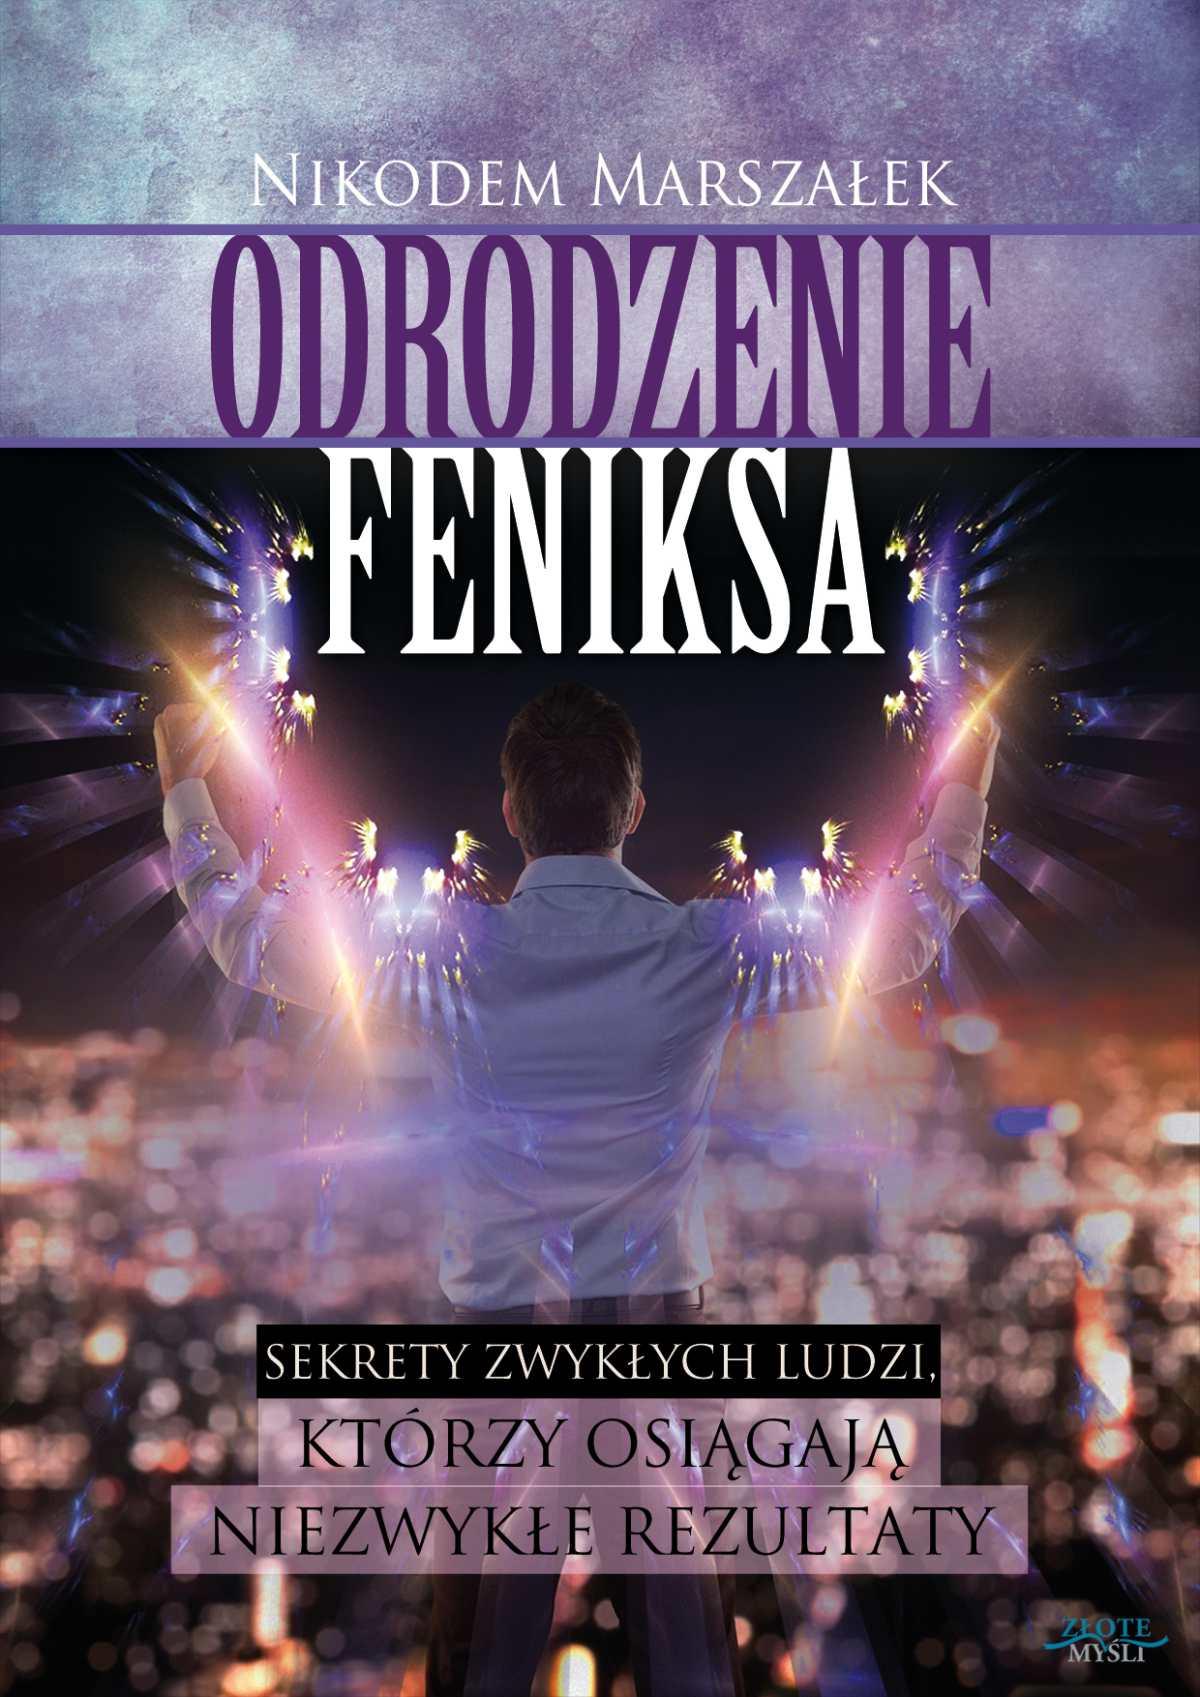 Odrodzenie Feniksa - Ebook (Książka PDF) do pobrania w formacie PDF